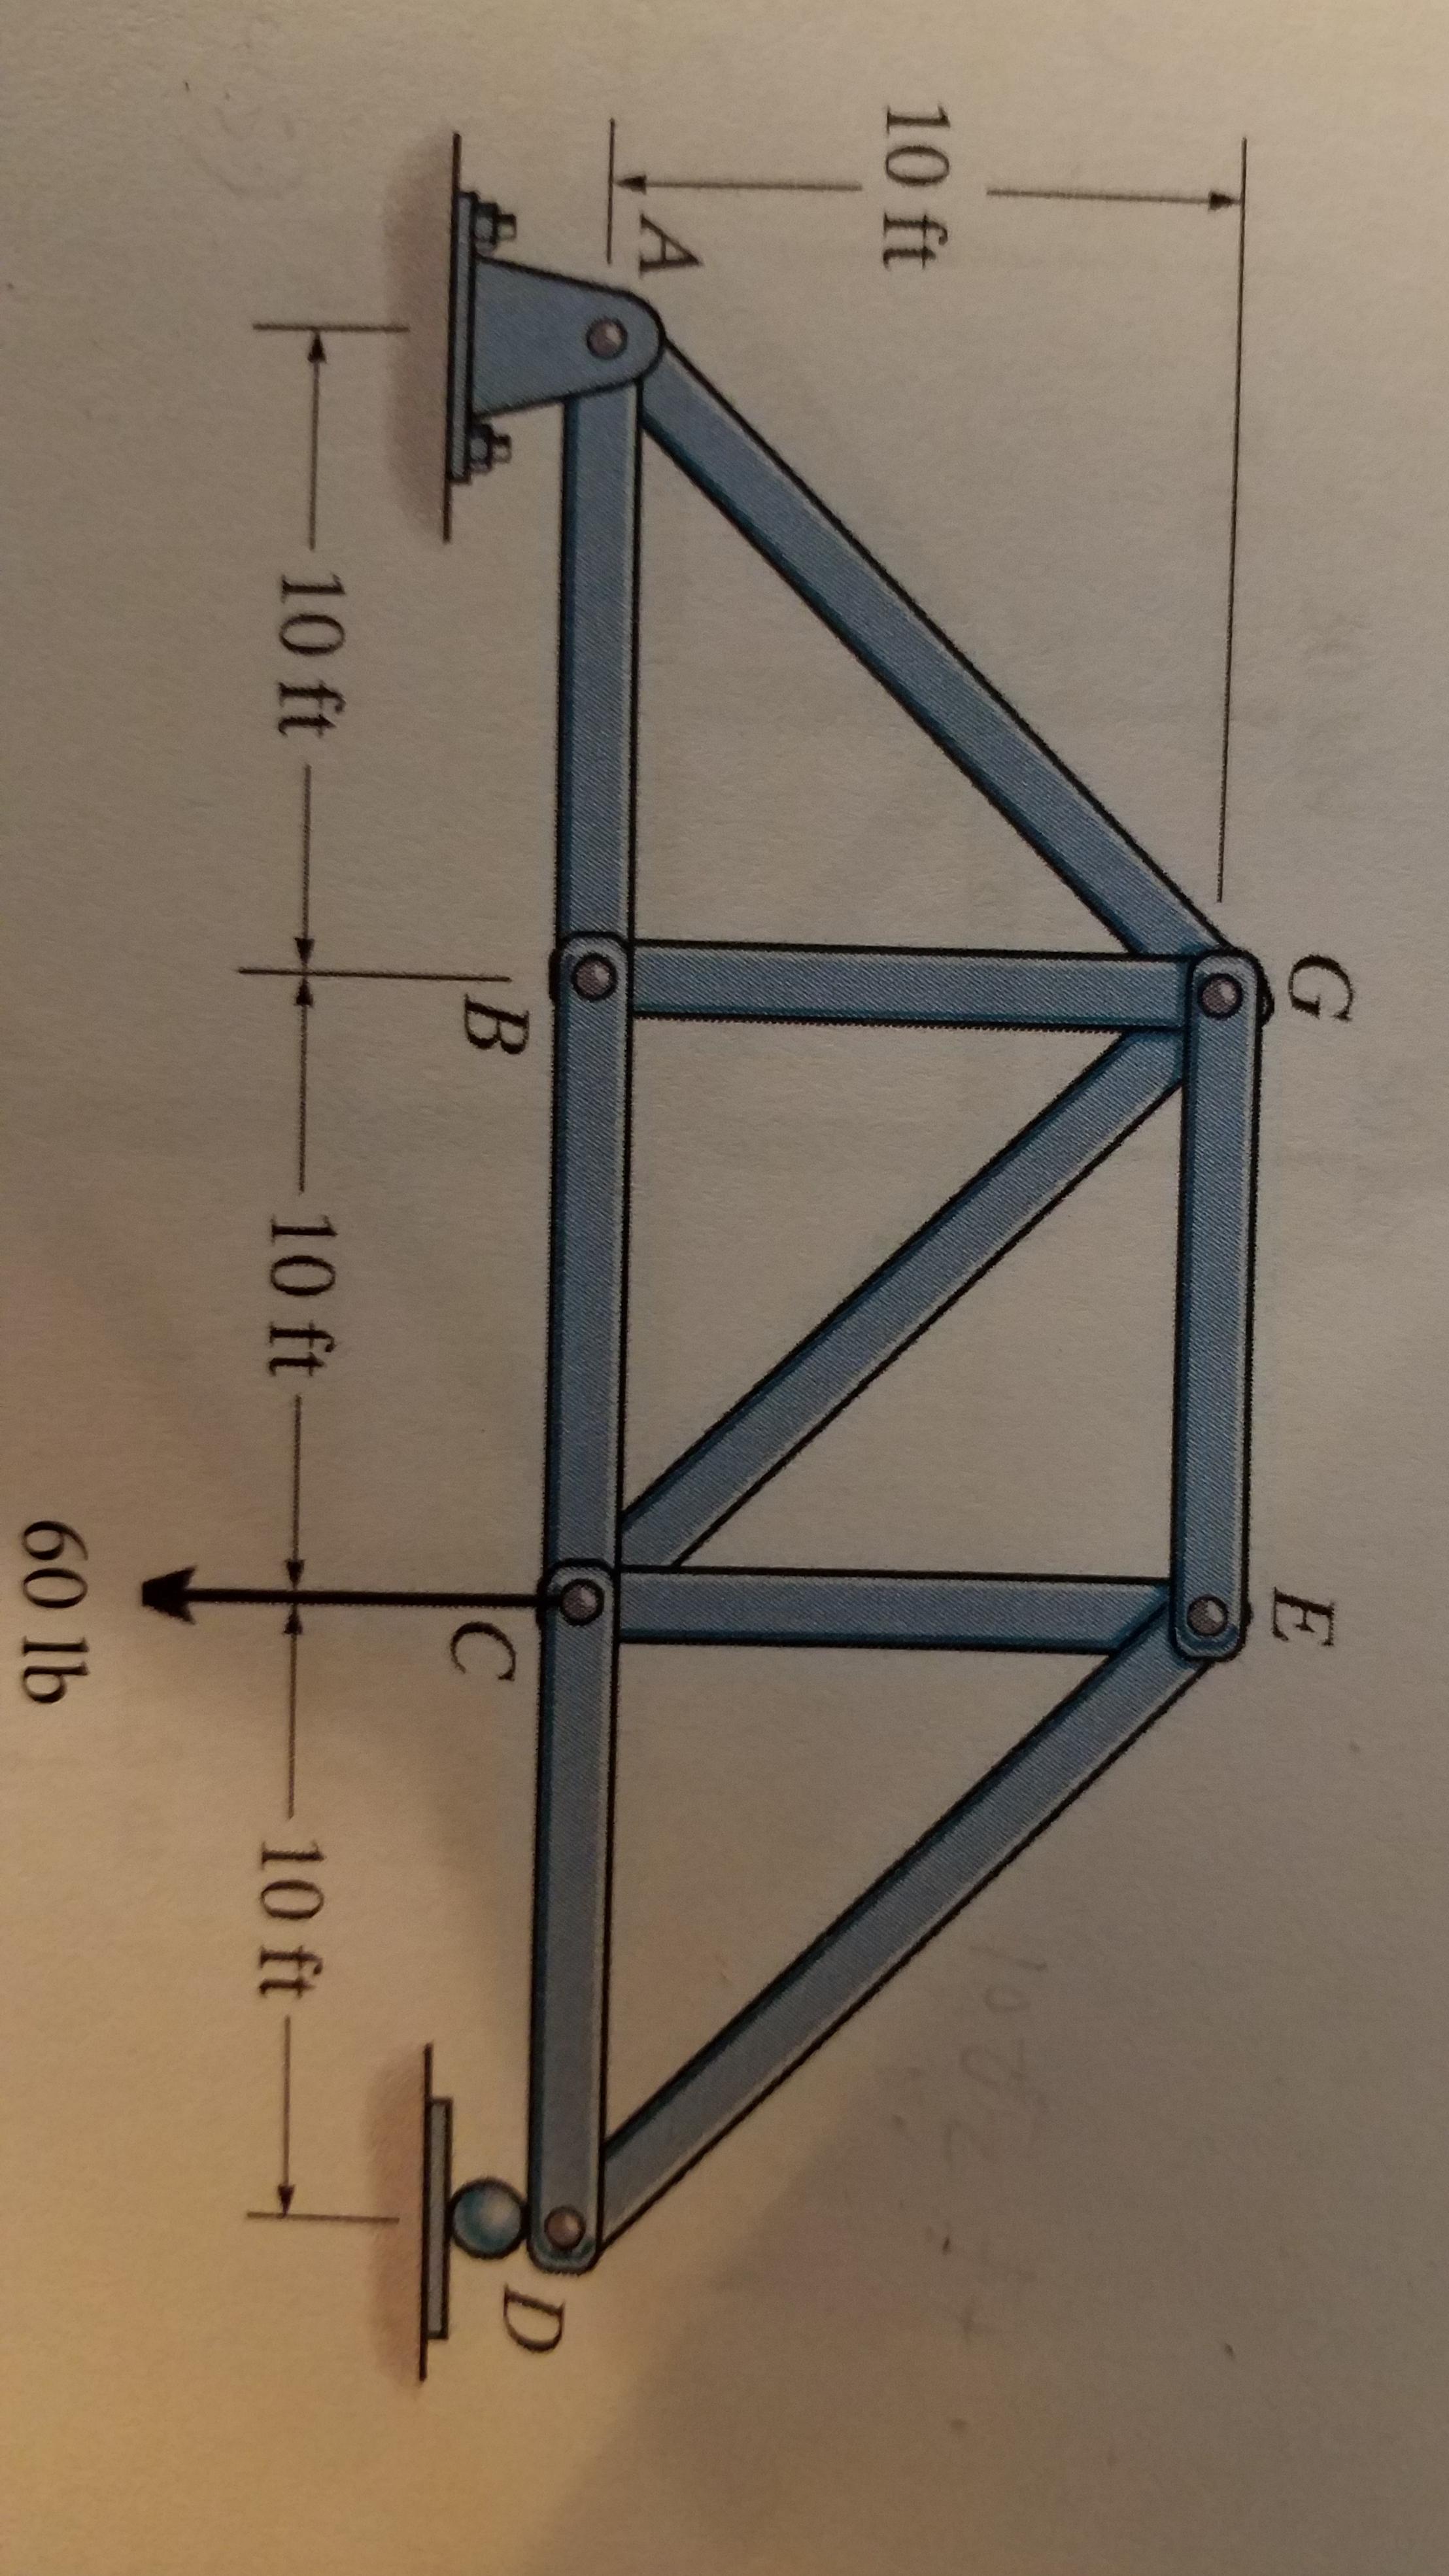 G E 10 ft В - 10 ft- - 10 ft- - 10 ft - 60 lb